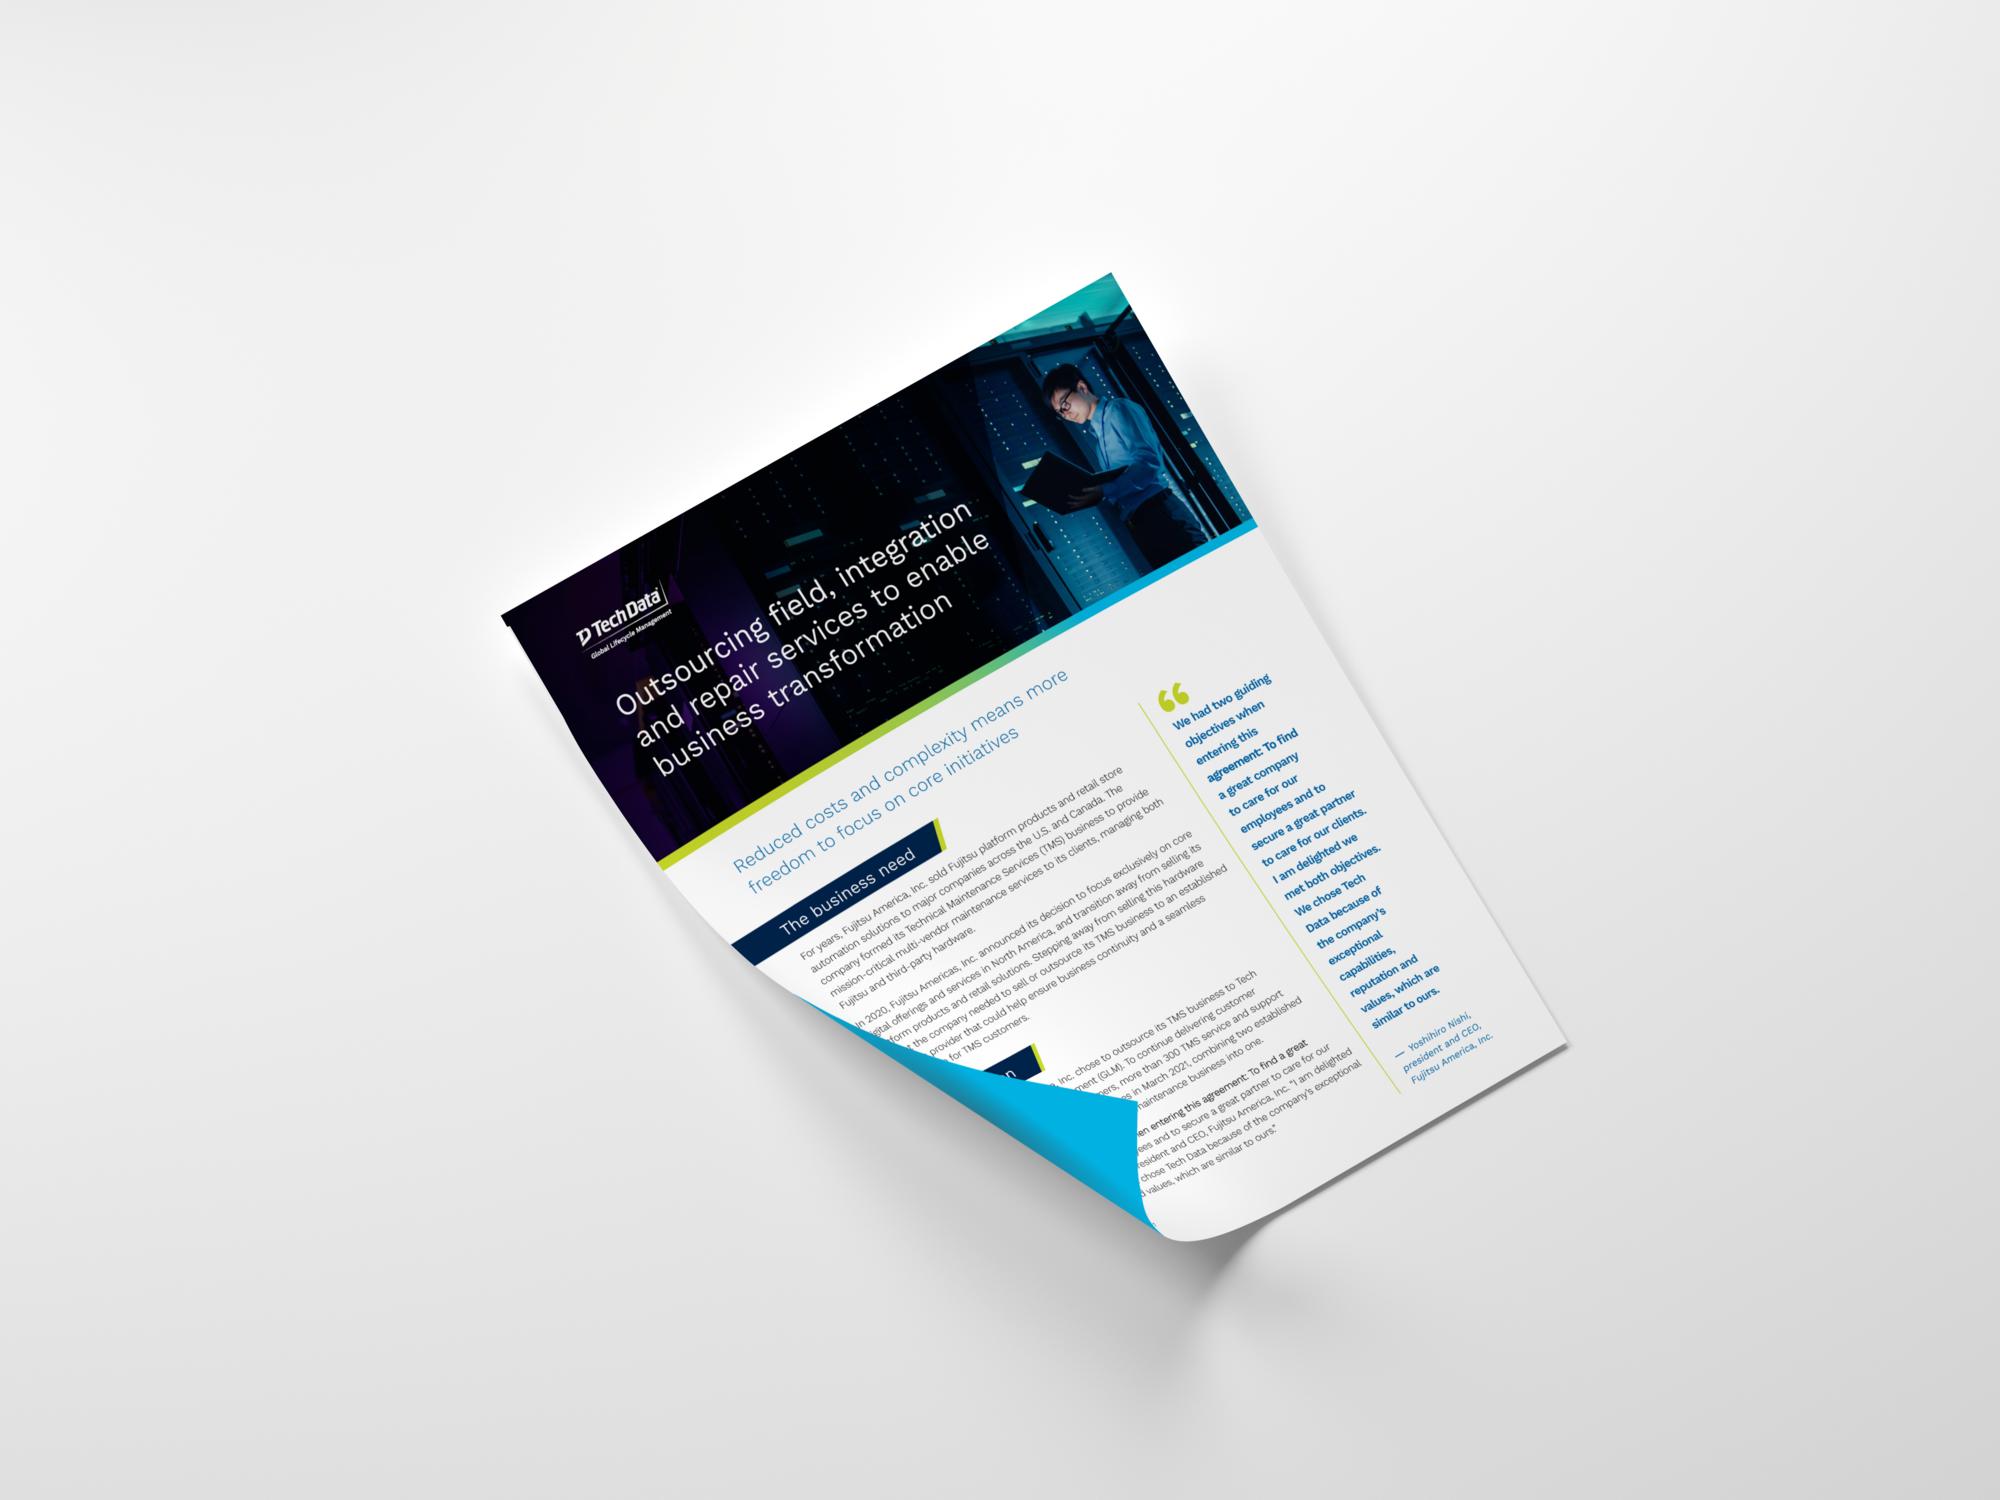 21Mar_OEM_OutsourcingFieldIntegrationRepairServices_Thumbnail